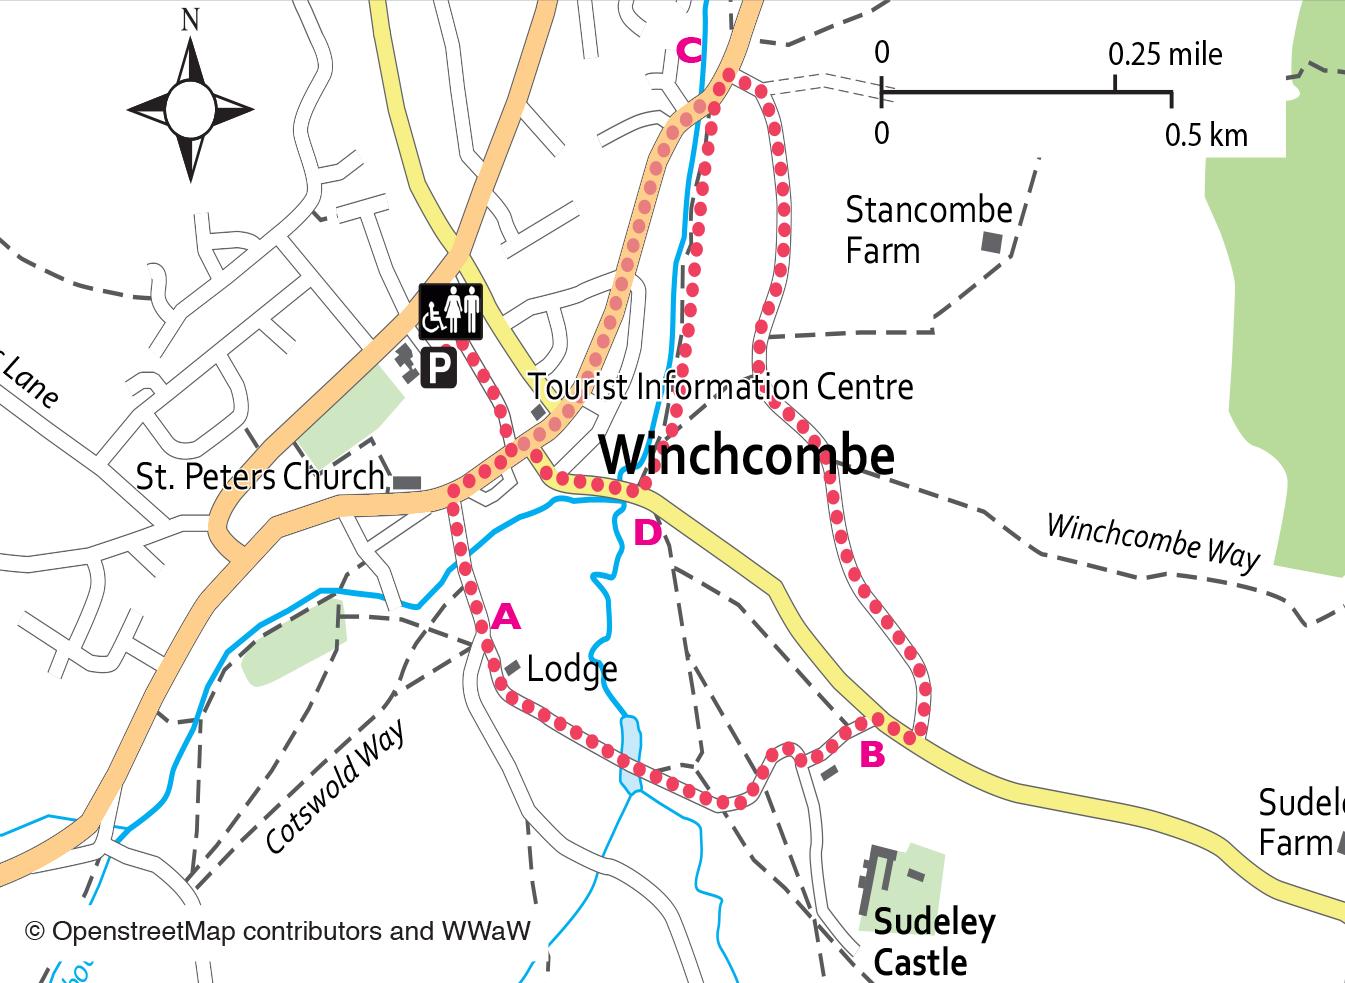 Winchcombe to Sudeley Castle Circular Walk